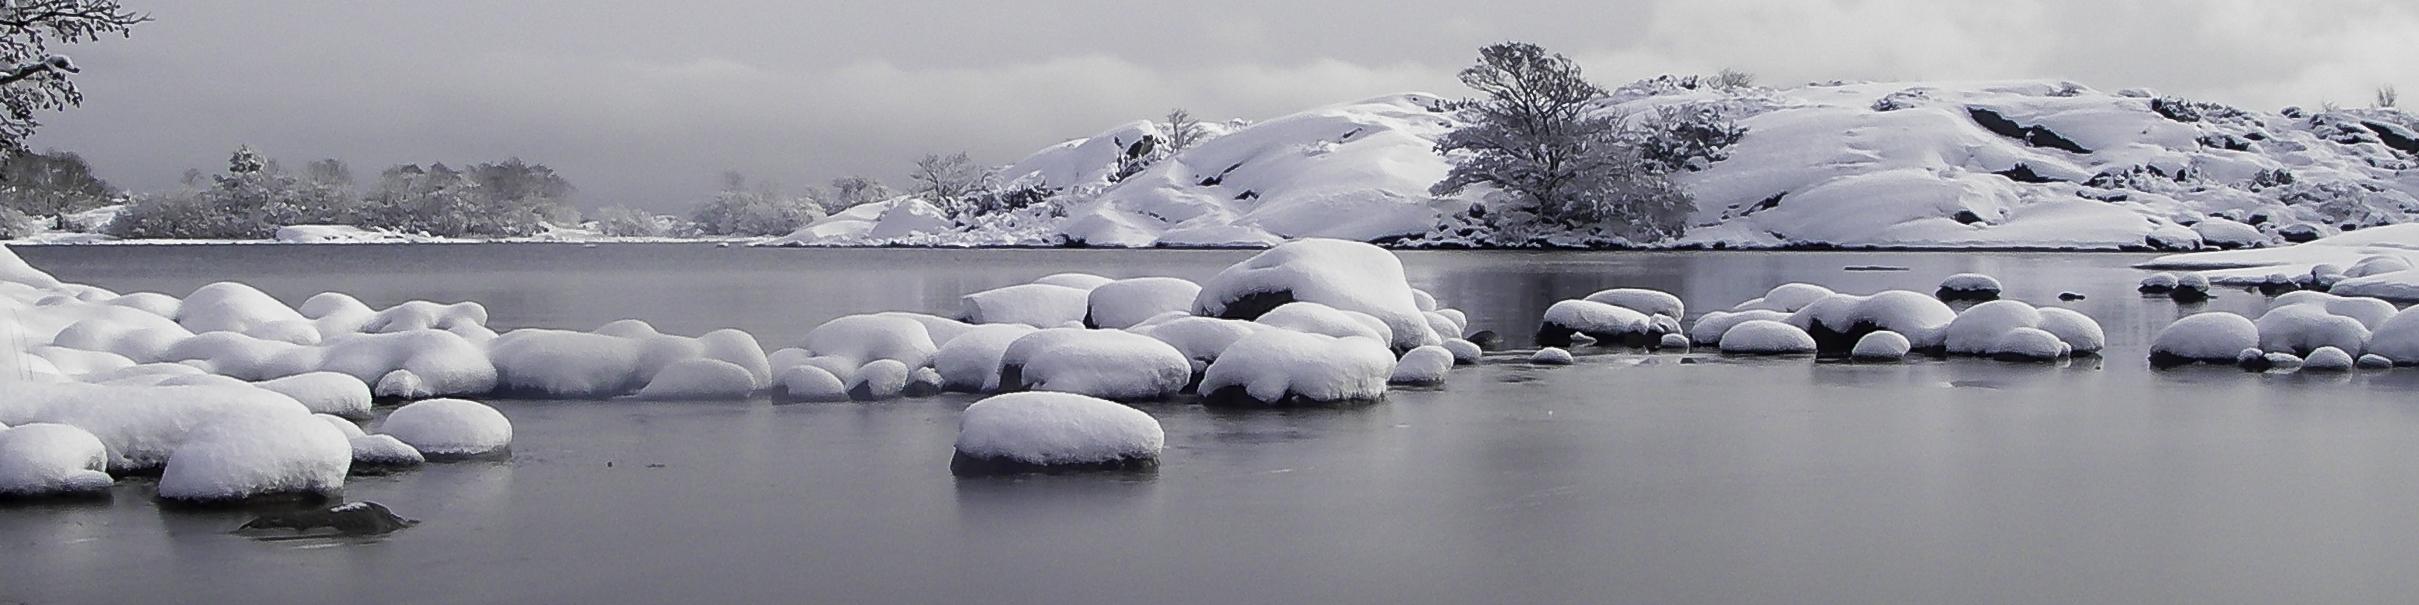 Snöiga stenar och skär i Norrpada skärgård, Stockholm.